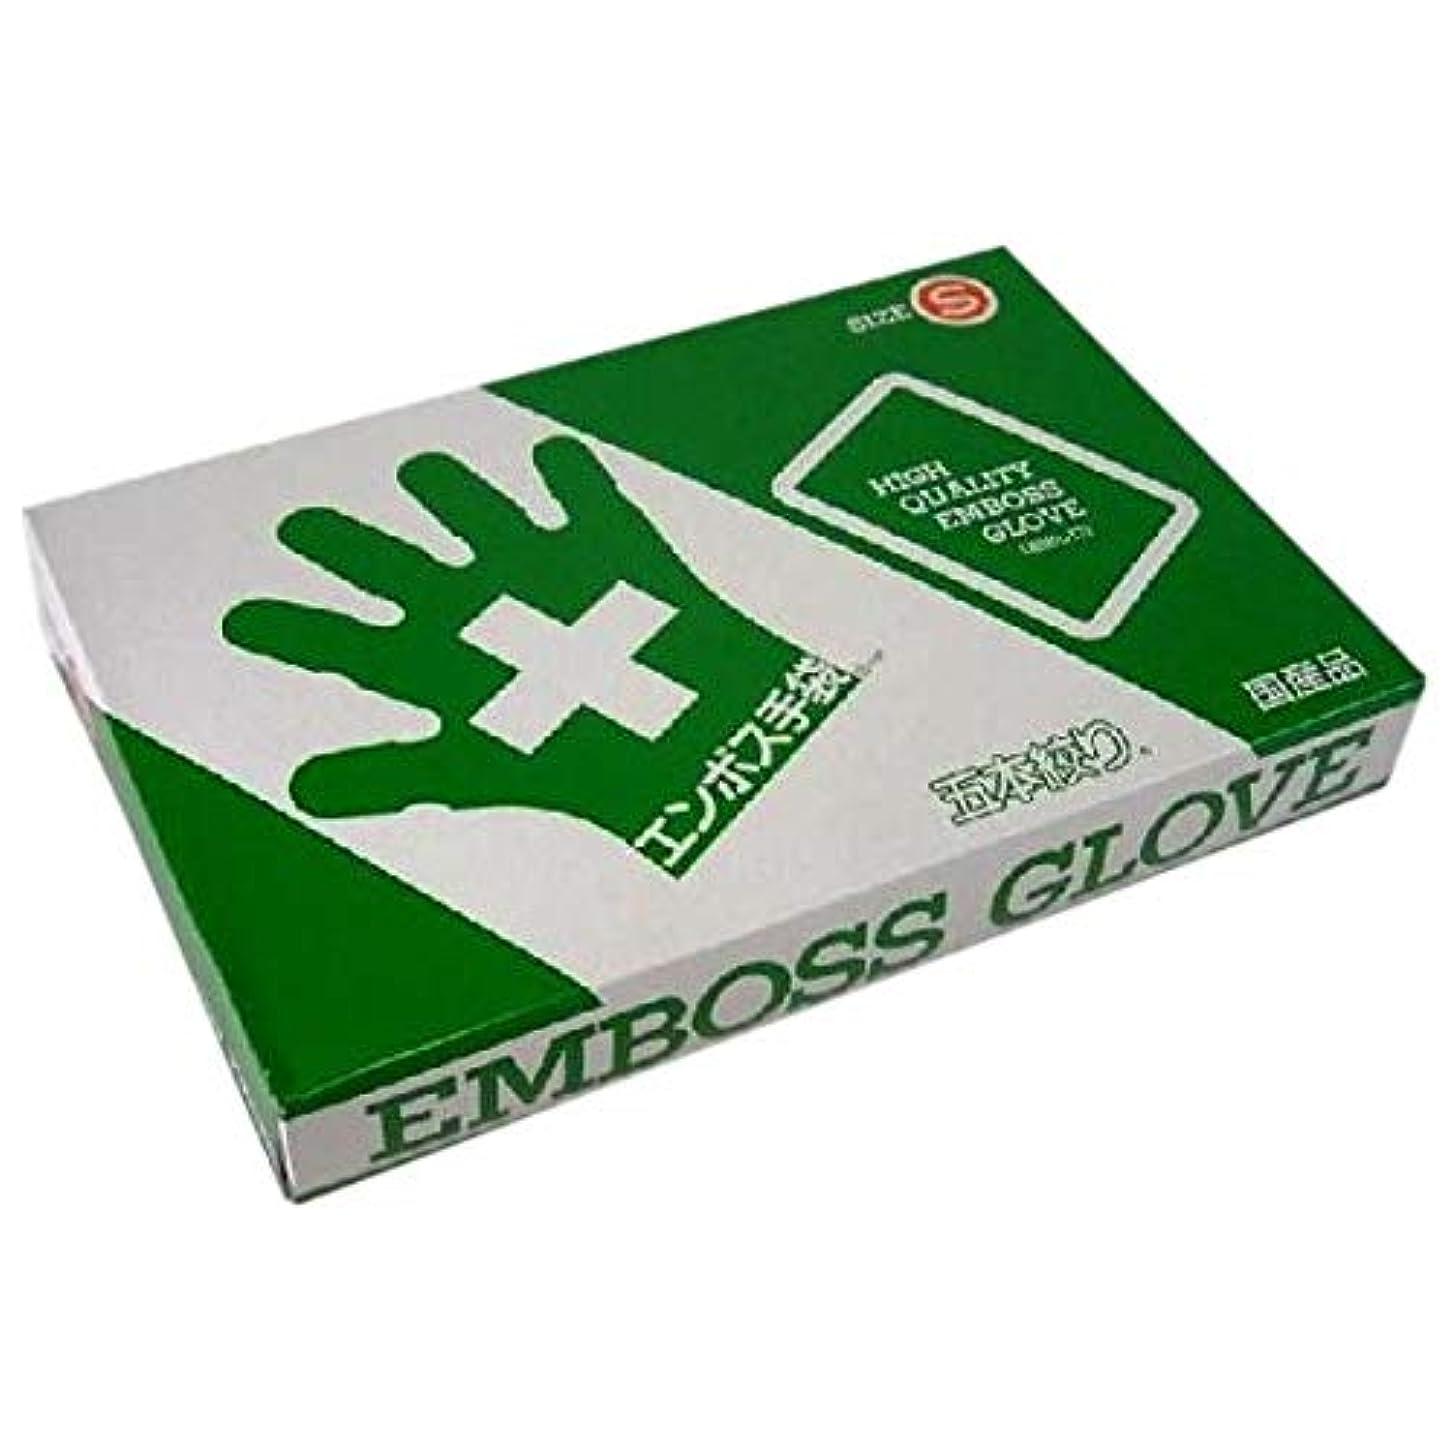 大佐下スライムエンボス手袋 5本絞り(使い捨て手袋国産品) 東京パック S 200枚入